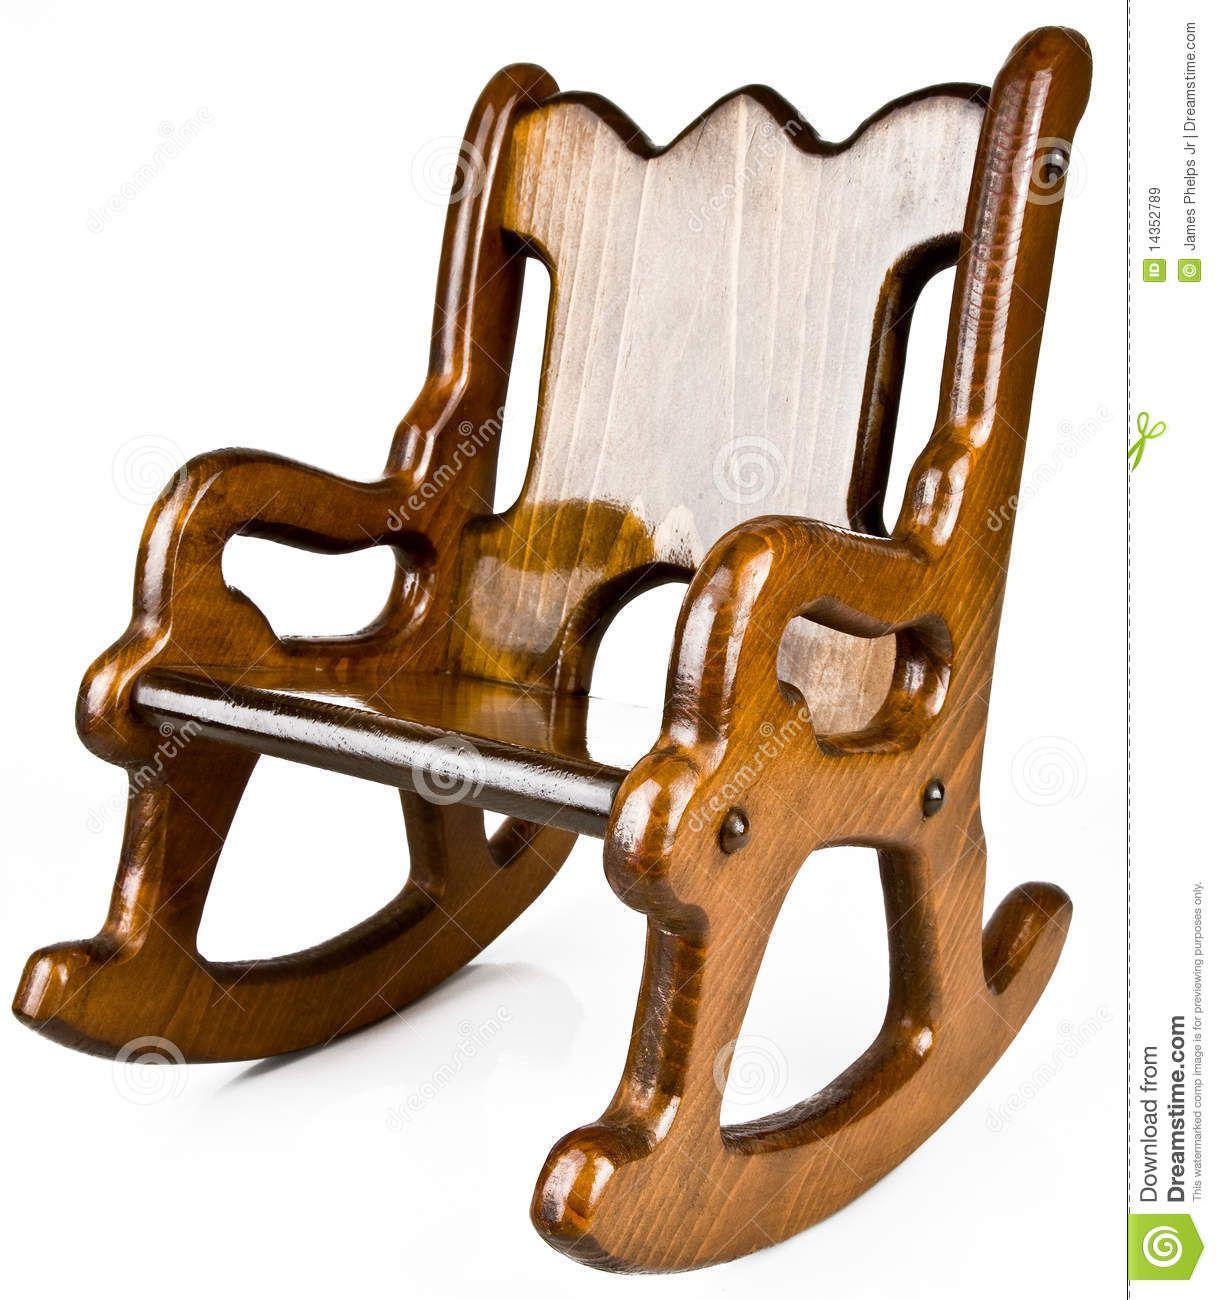 kids wood rocking chair plans | wood | Pinterest | Rocking ...